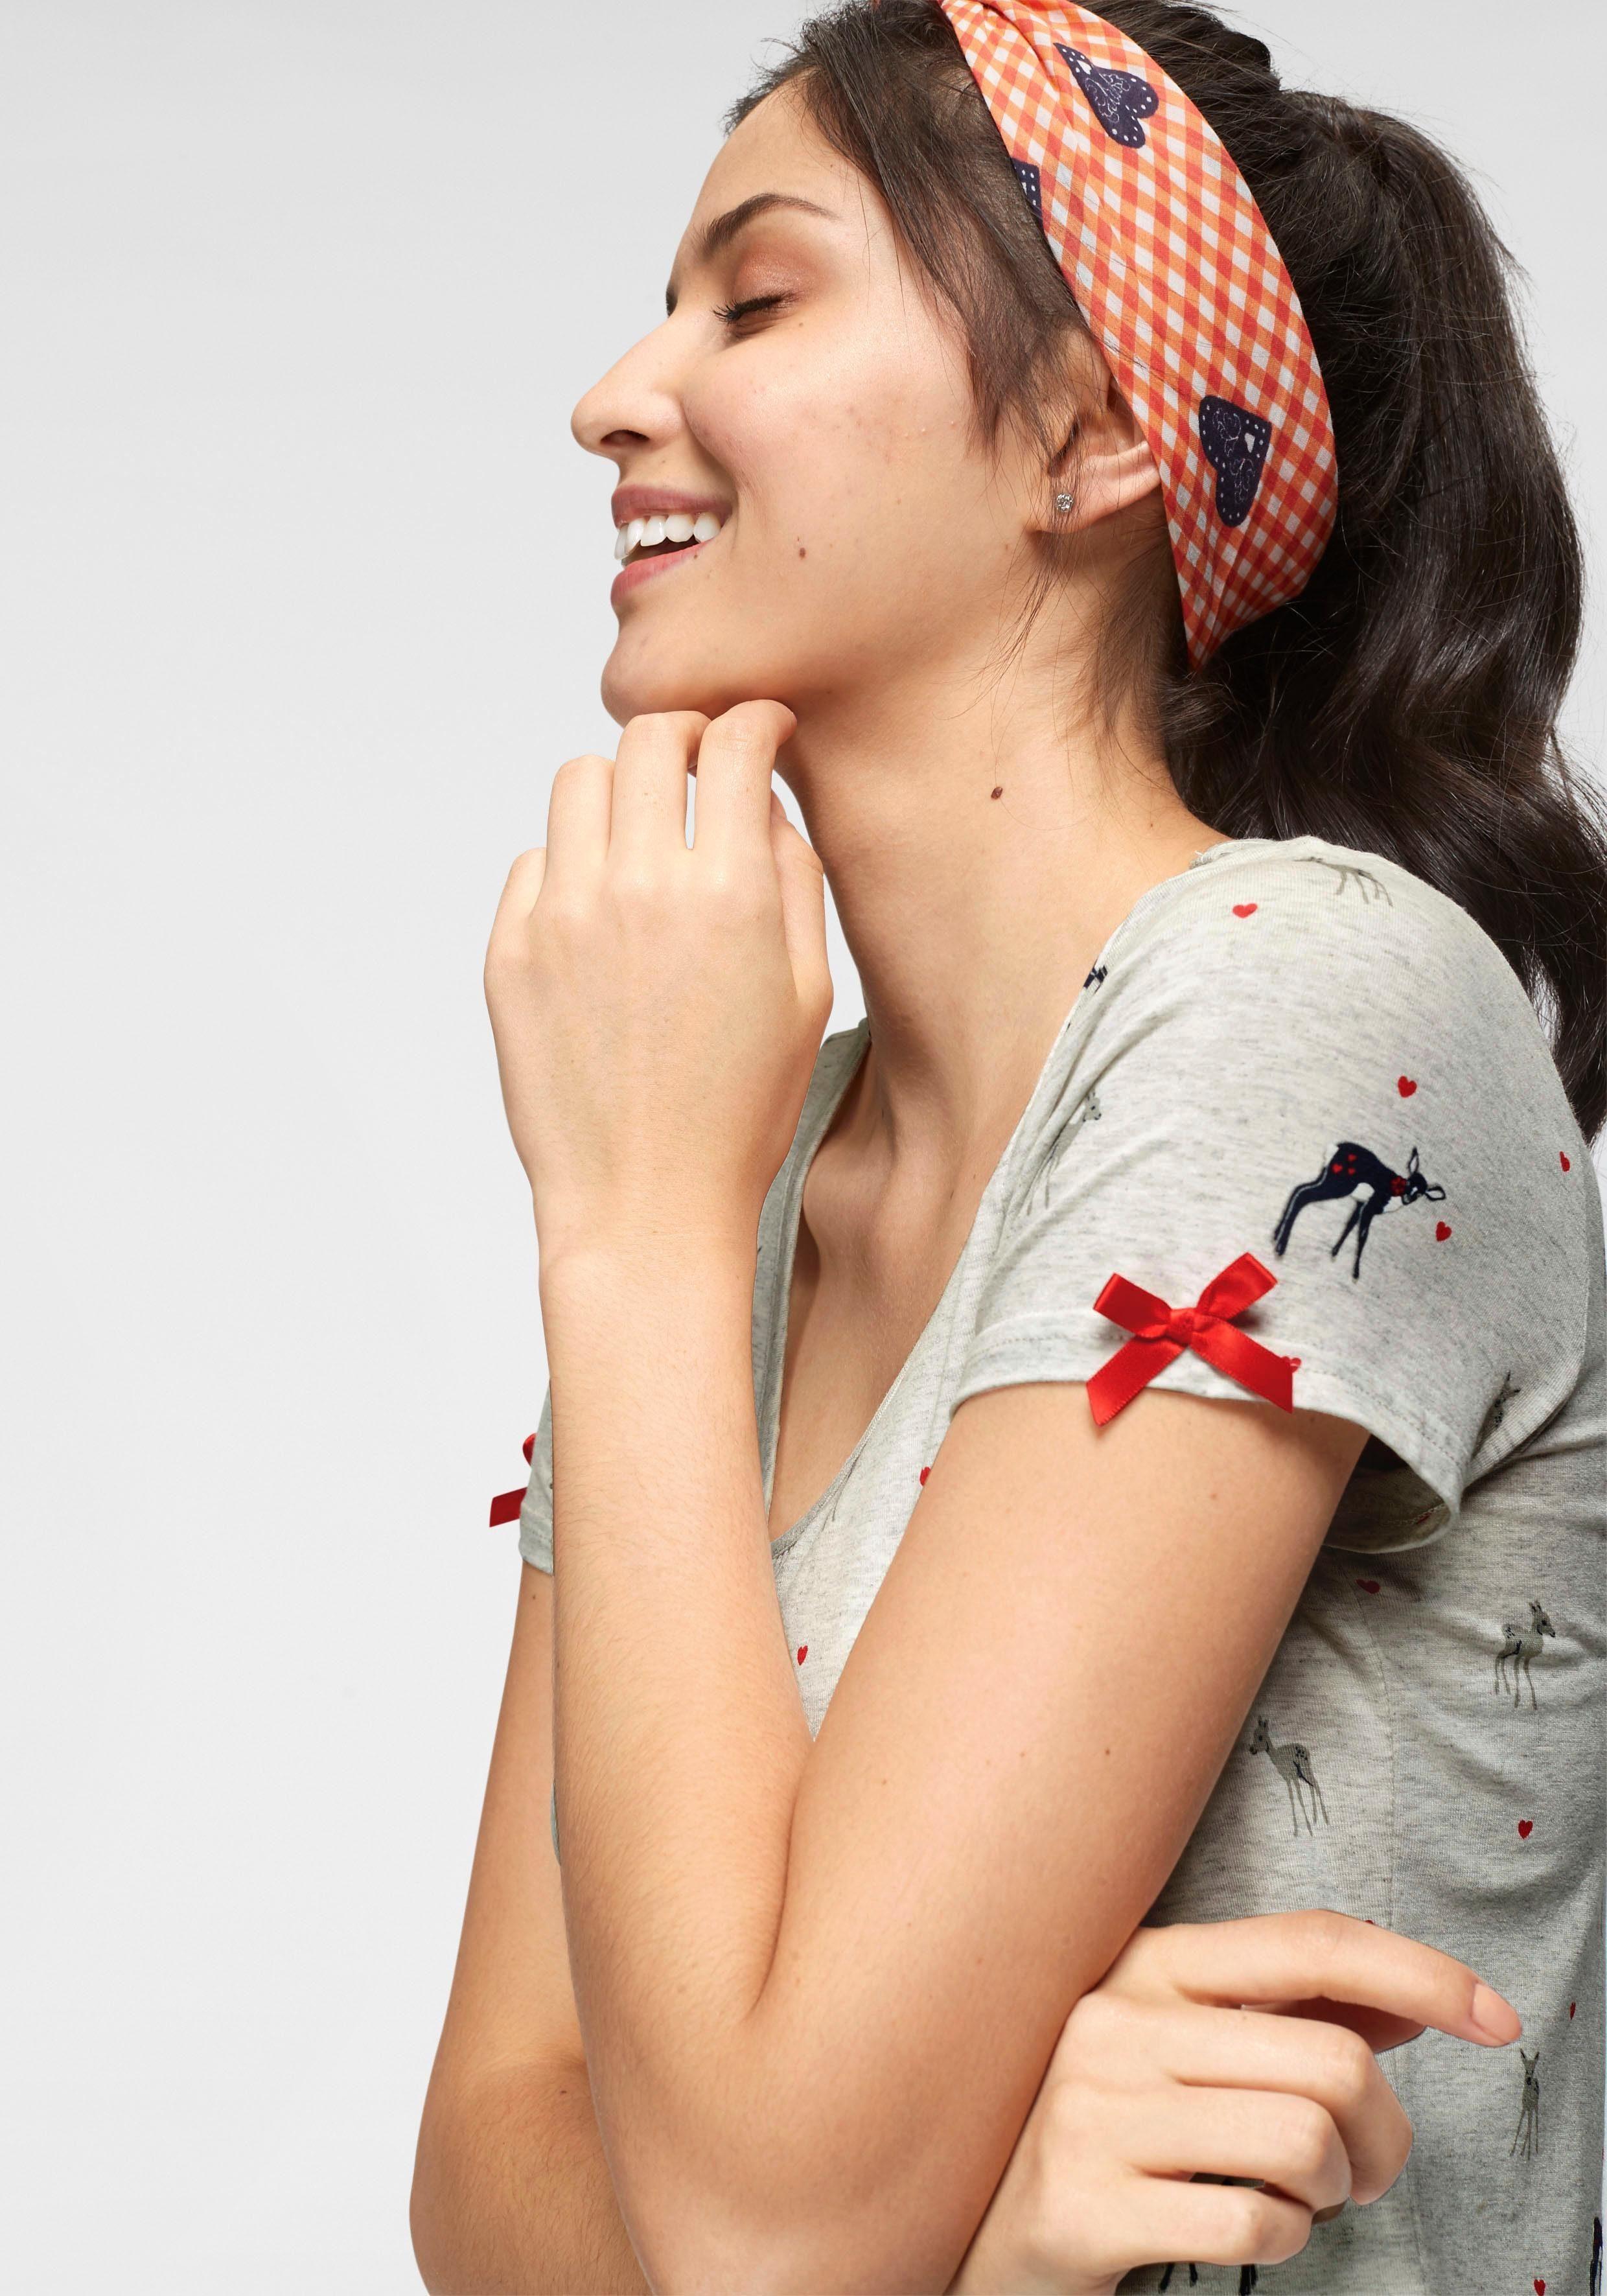 Süßem aufdruck Reh Mit T shirt Kaufen Kangaroos DYeEH2IW9